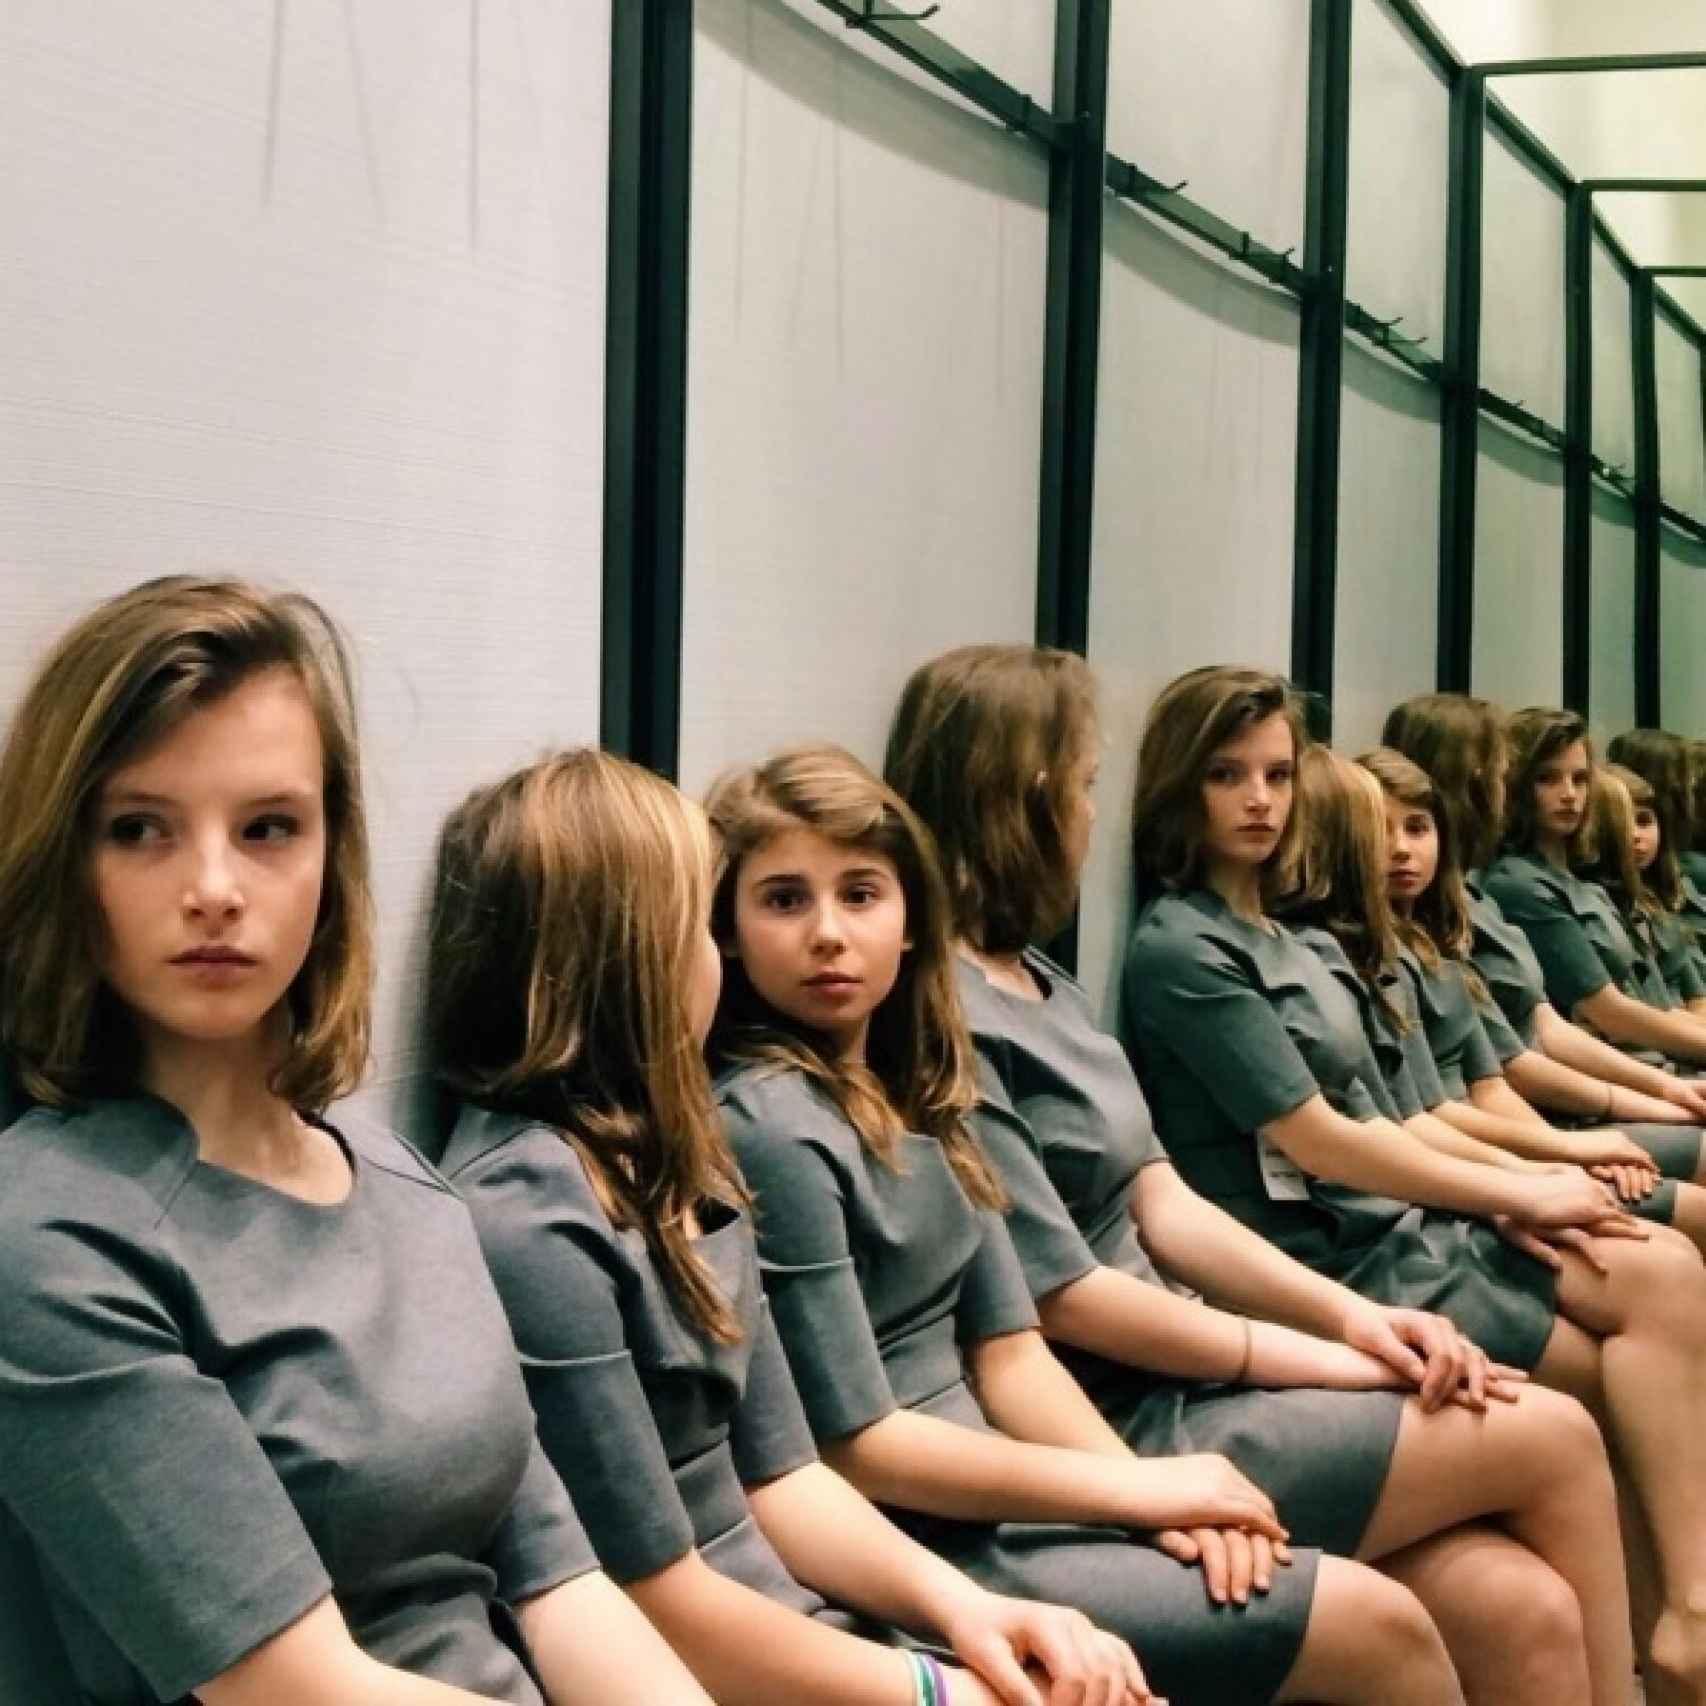 ¿Cuántas niñas hay en esta fotografía?